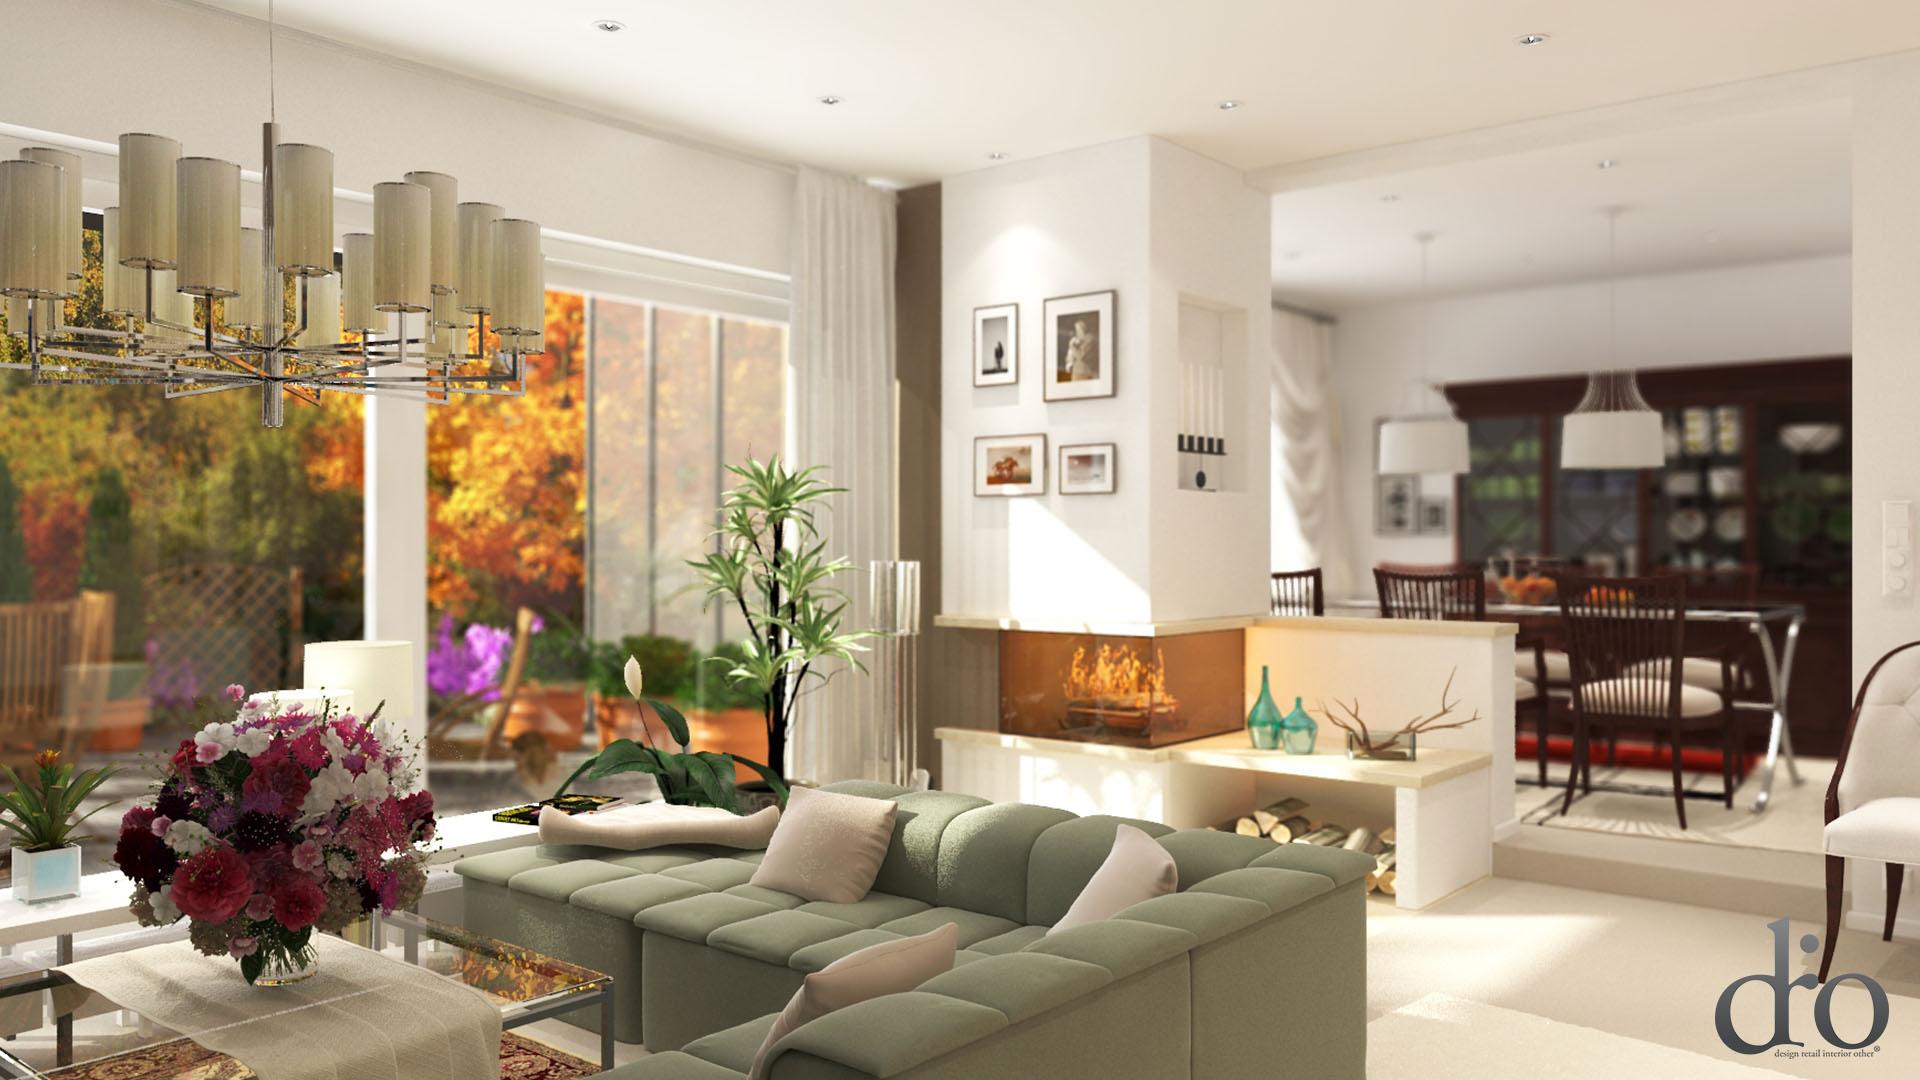 innenarchitektur aus hannover auf h chstma diro internationale innenarchitekt. Black Bedroom Furniture Sets. Home Design Ideas